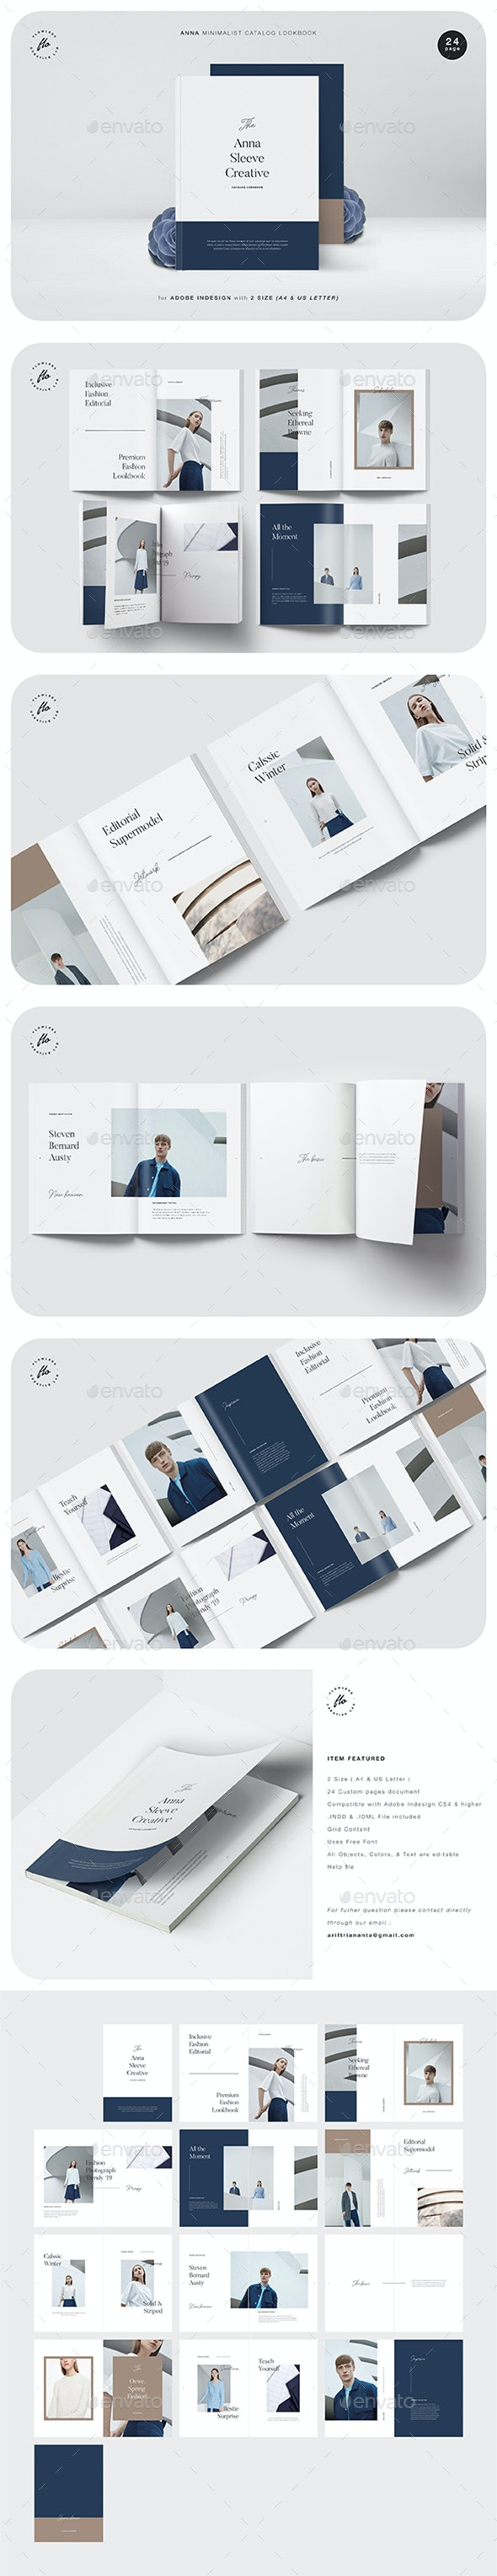 Anna Minimalist Catalog Lookbook - Magazines Print Templates